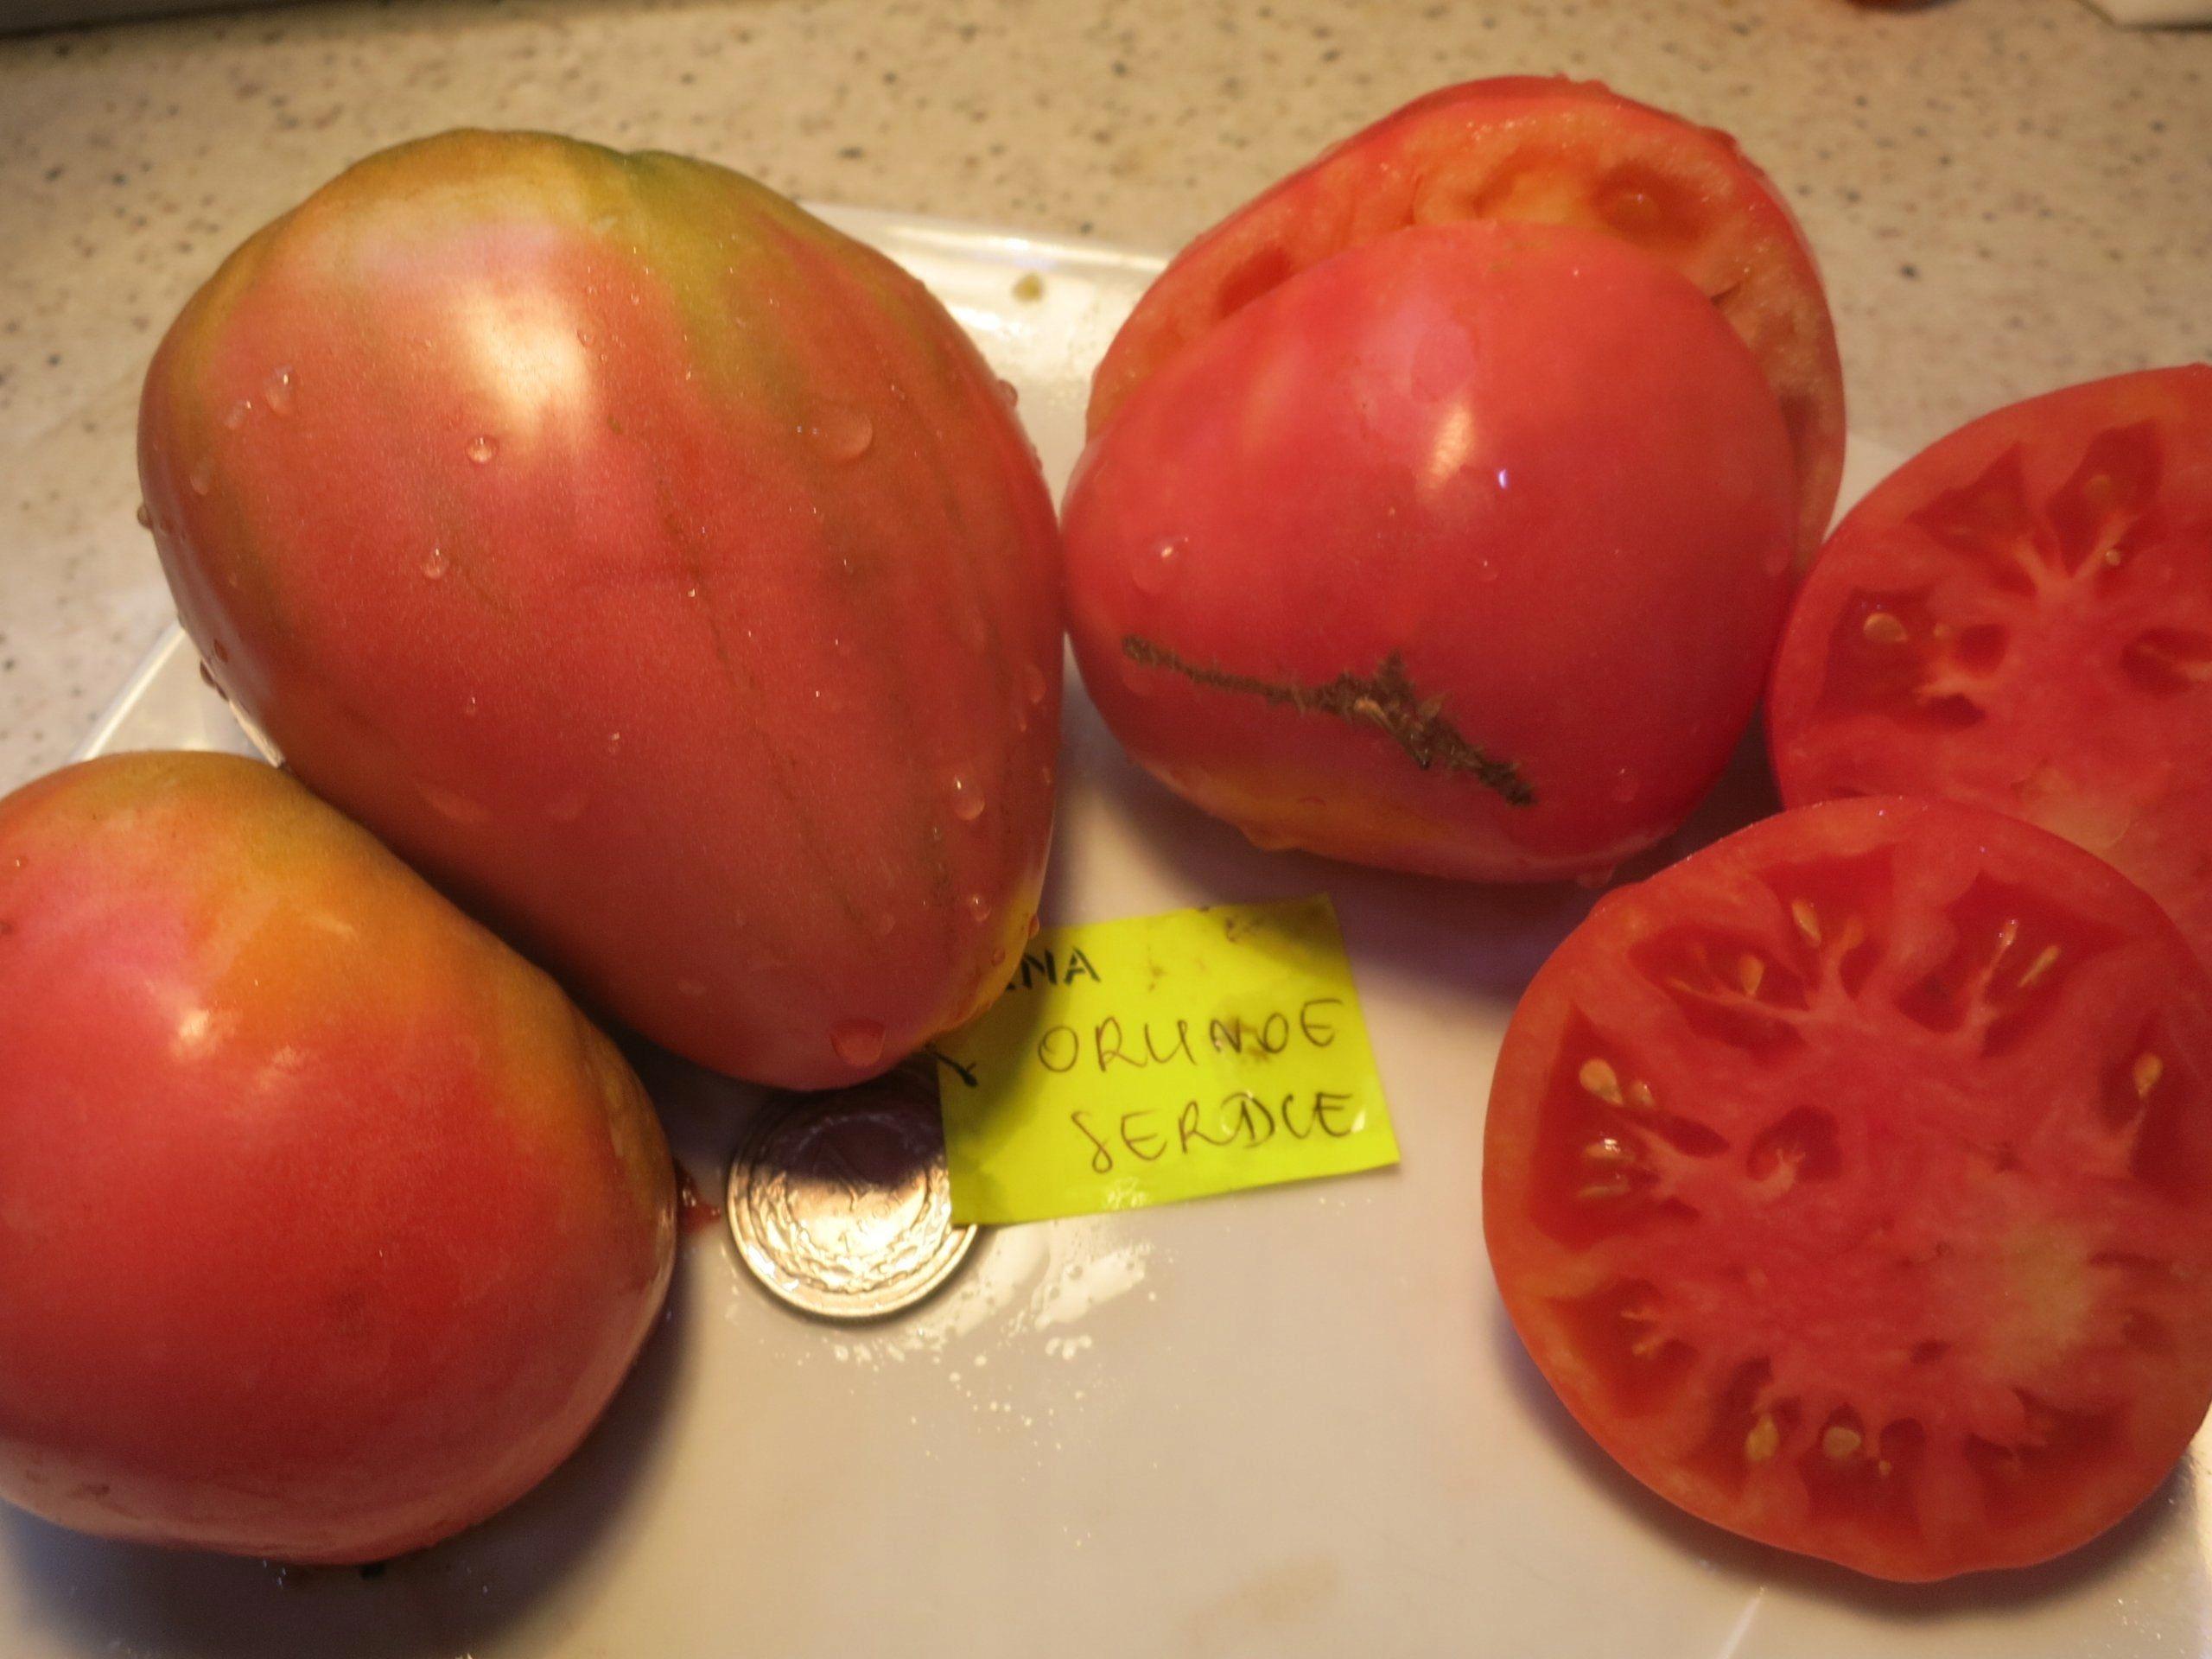 Описание и характеристика томата сорта «орлиное сердце»